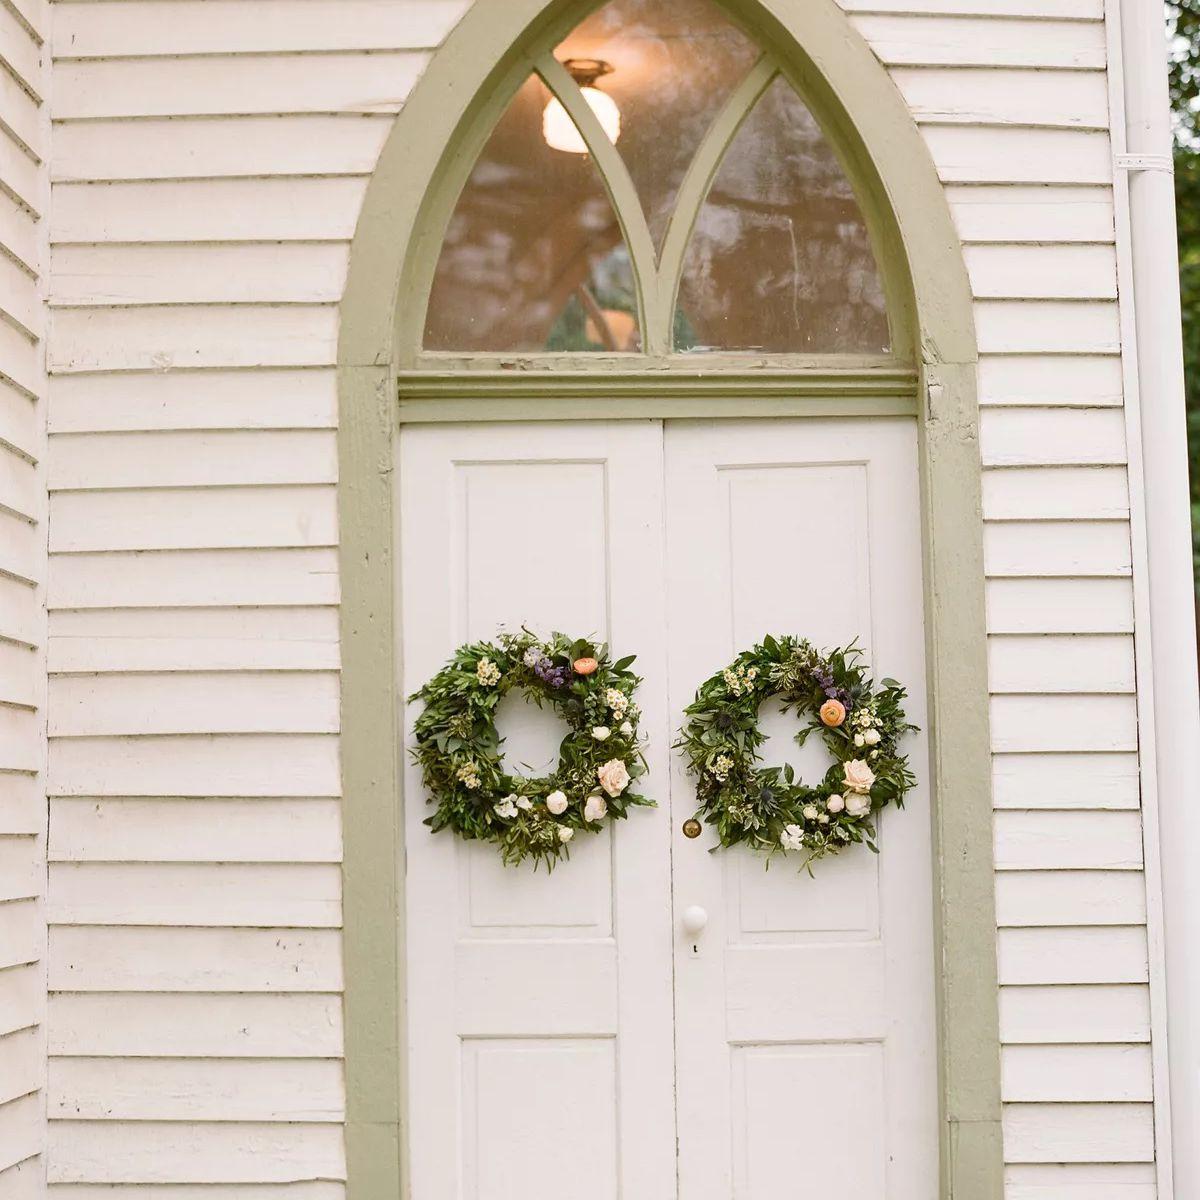 church doors with wreaths